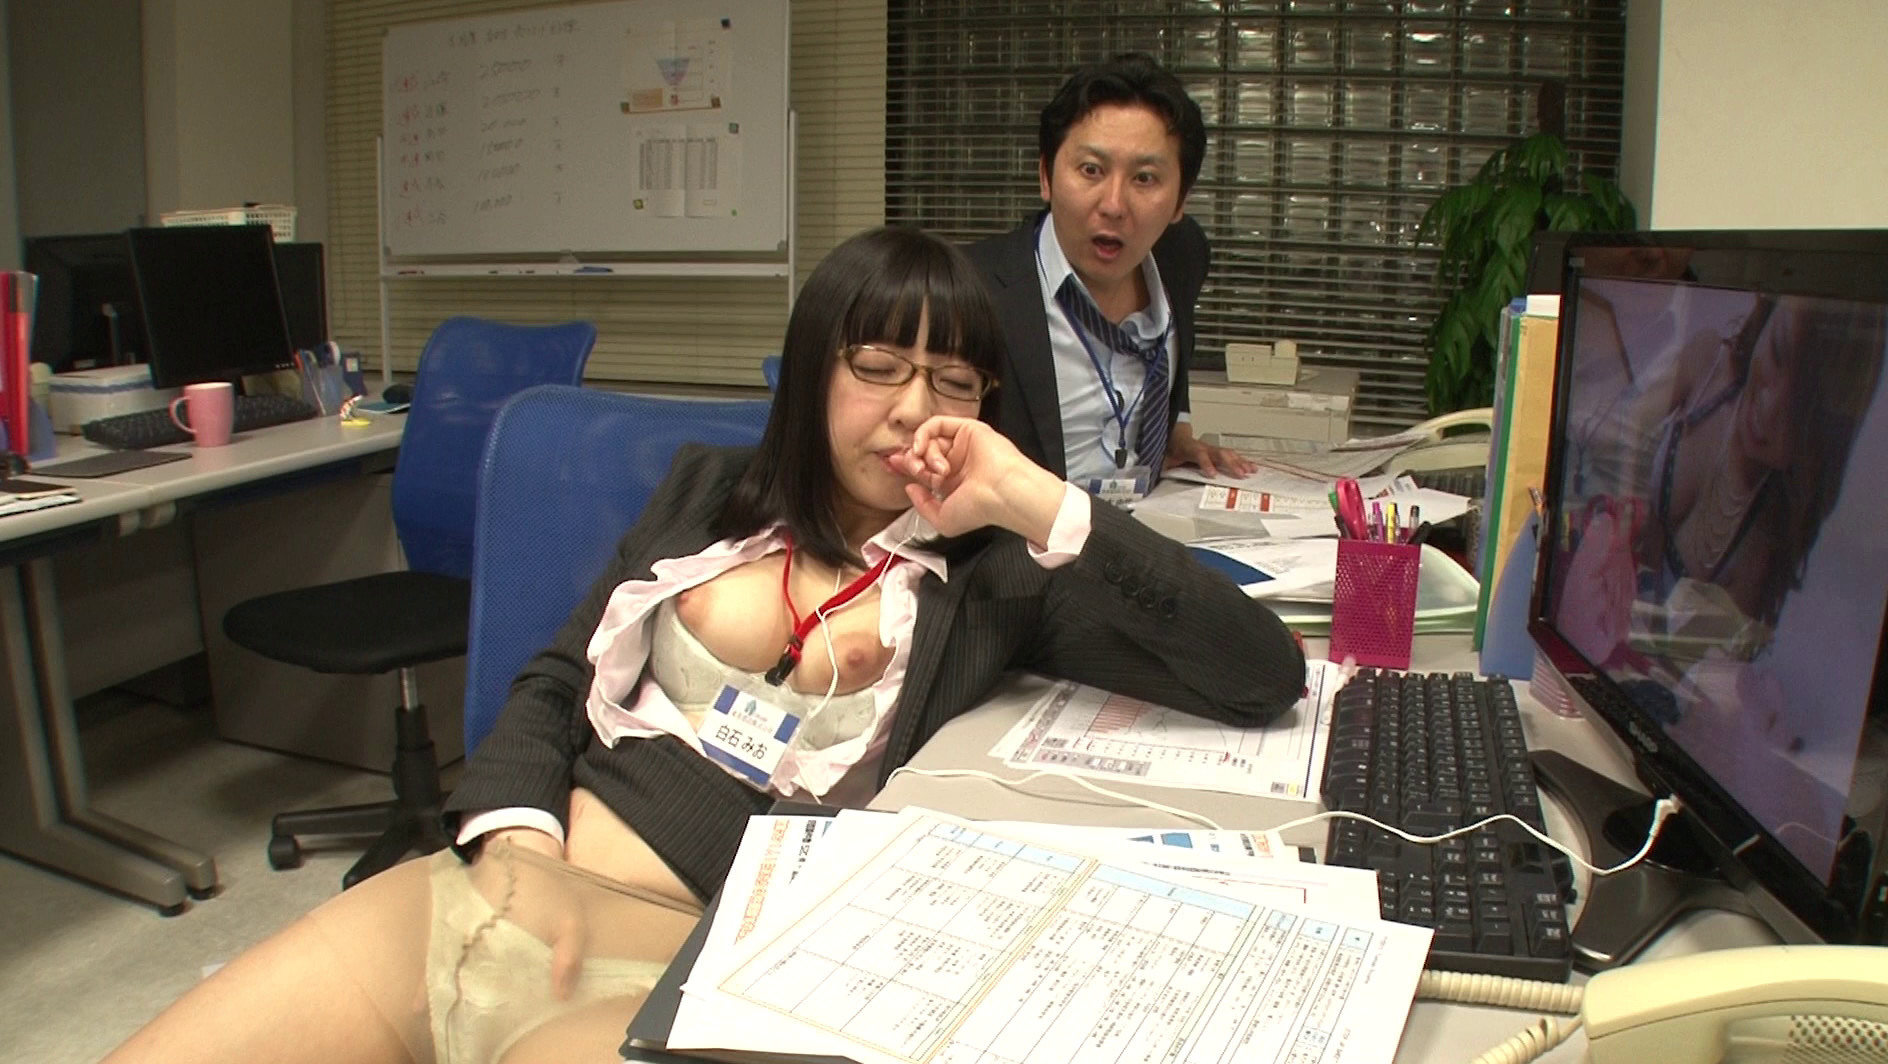 真面目でカワイイ新入女子社員と二人っきりの残業中「コレはもしかしたらエッチな展開になってしまうかも!」・・・などと期待する余裕も無いくらい仕事に追われヘトヘトの僕。ふと気がつくといつの間にか居眠りしてしまっていたみたいだ・・・と目を覚ますと、なんと新入社員ちゃんが会社のパソコンでエロ動画を見ながらオナニーの真っ最中!!普段の姿からは想像できないあまりにもソソるオナニー姿に、もう辛抱たまりません!! 画像2